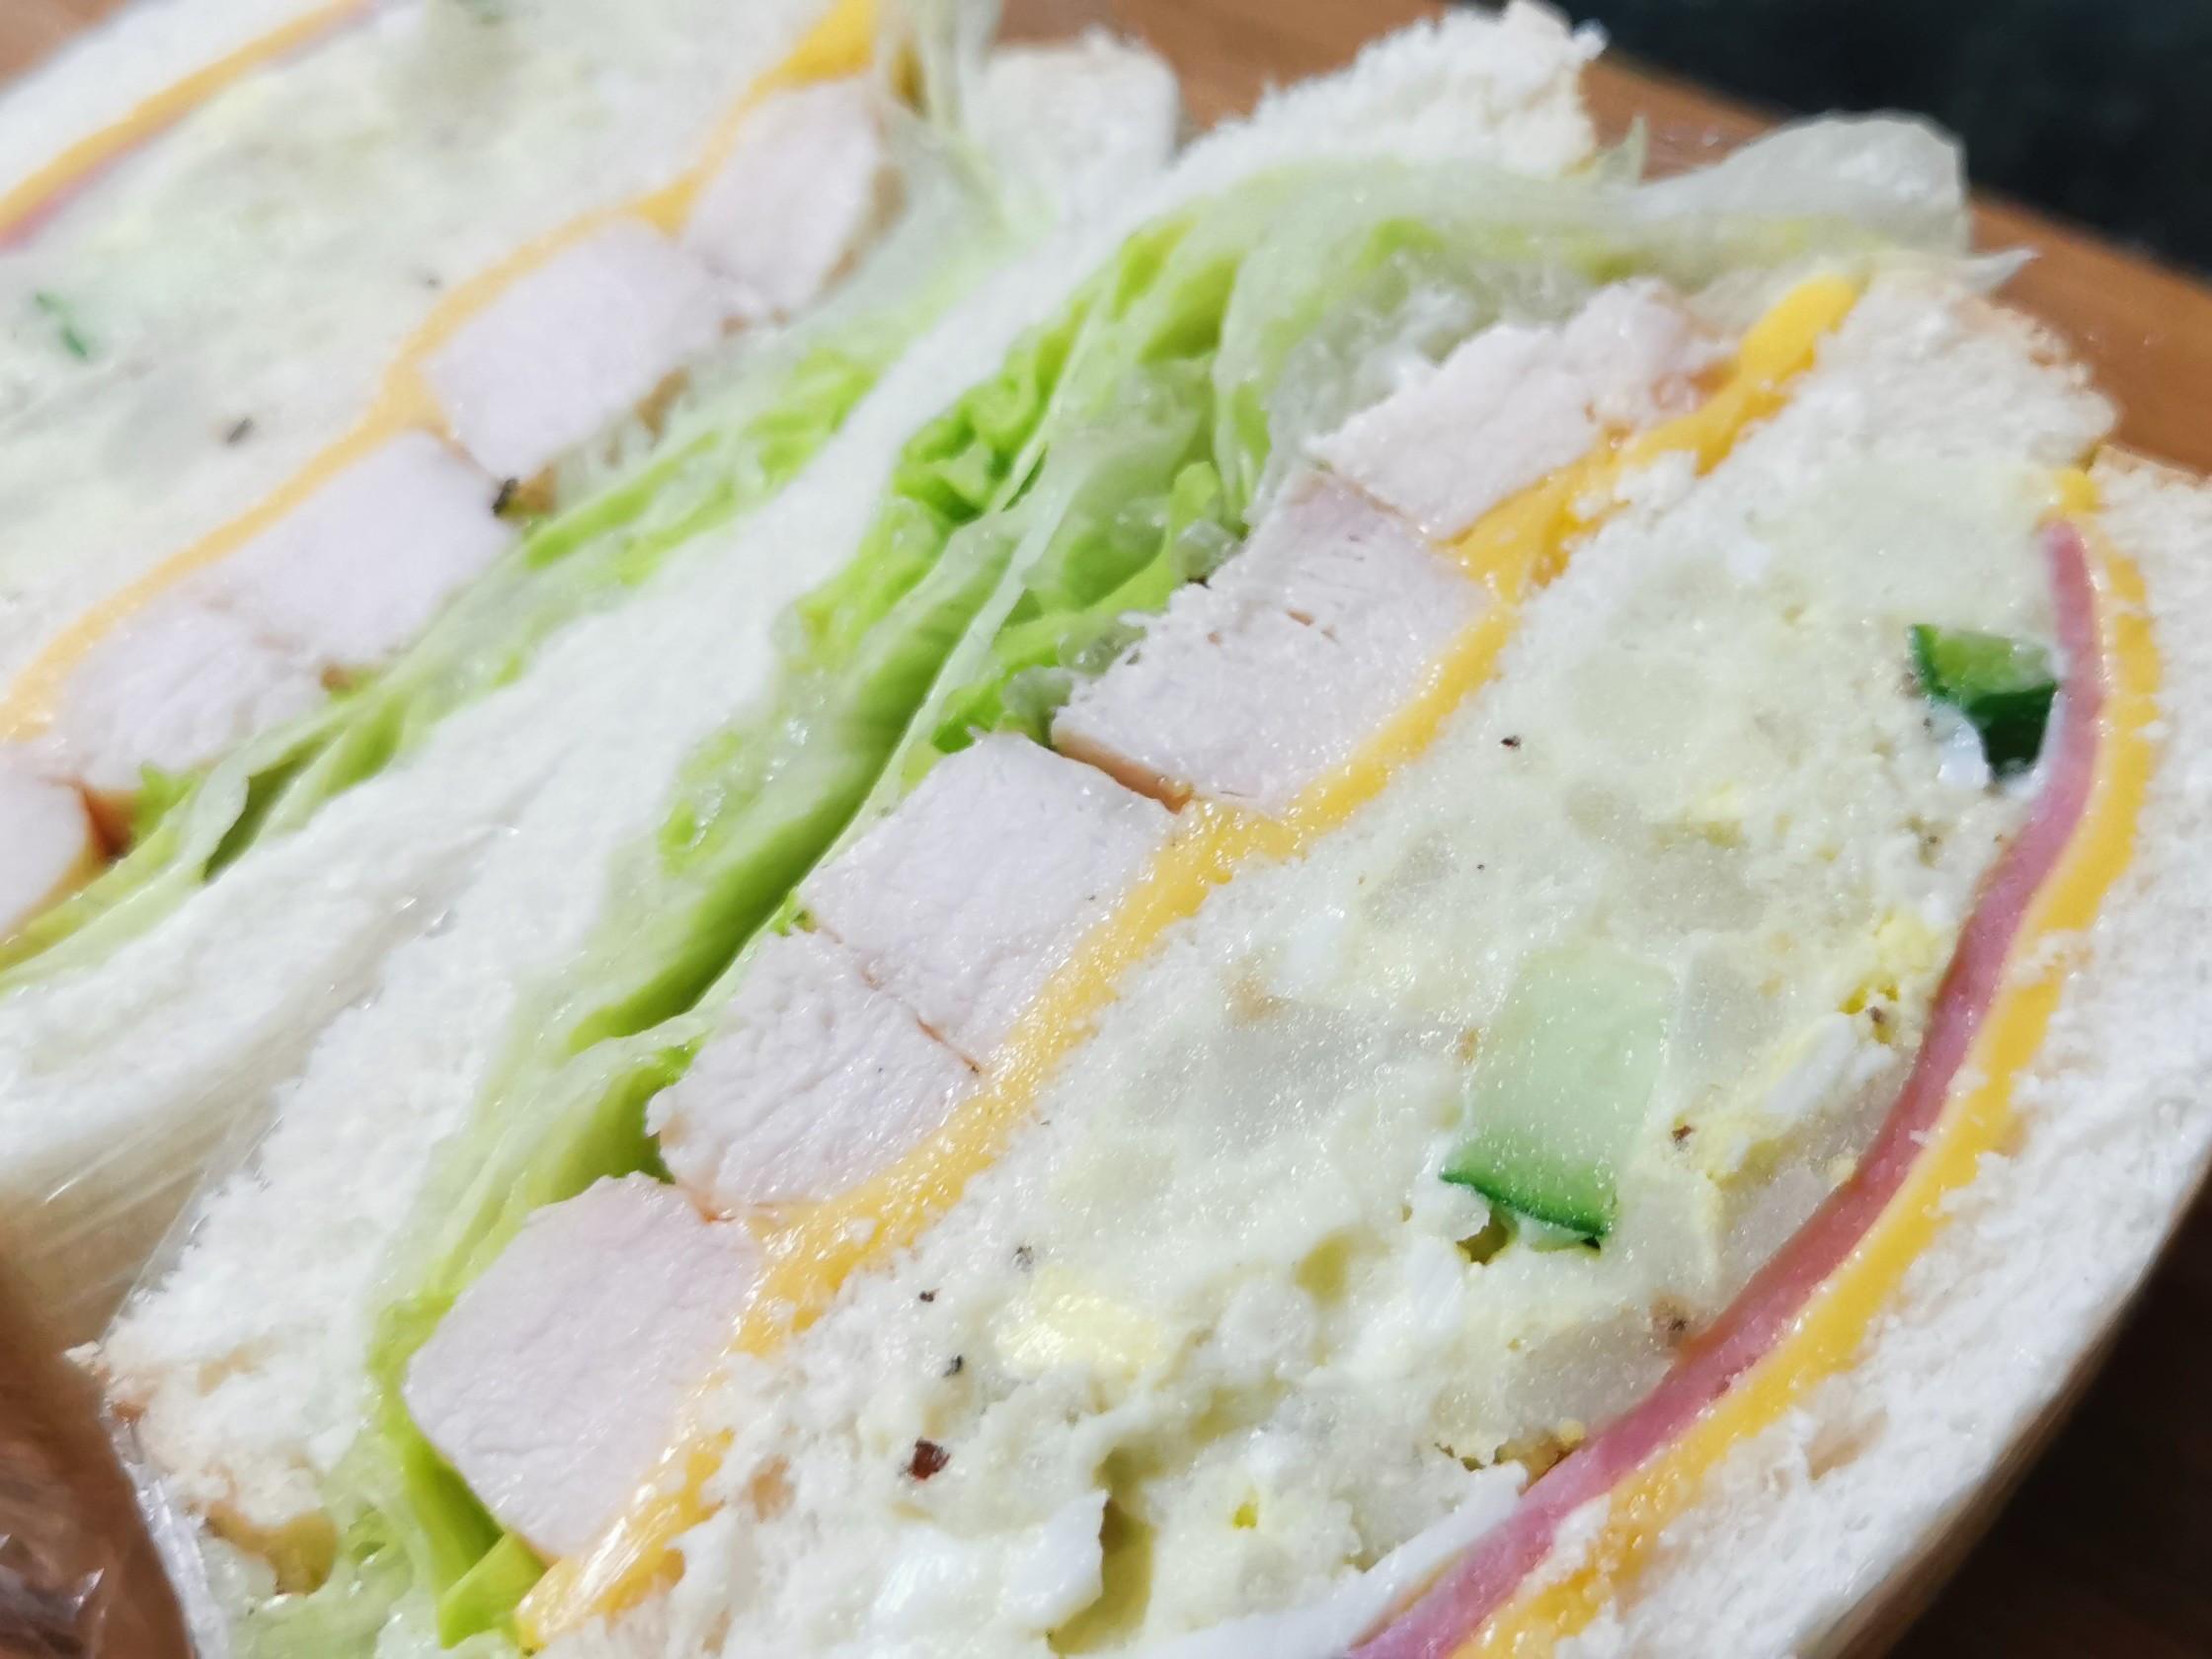 嫩雞馬鈴薯泥冷三明治